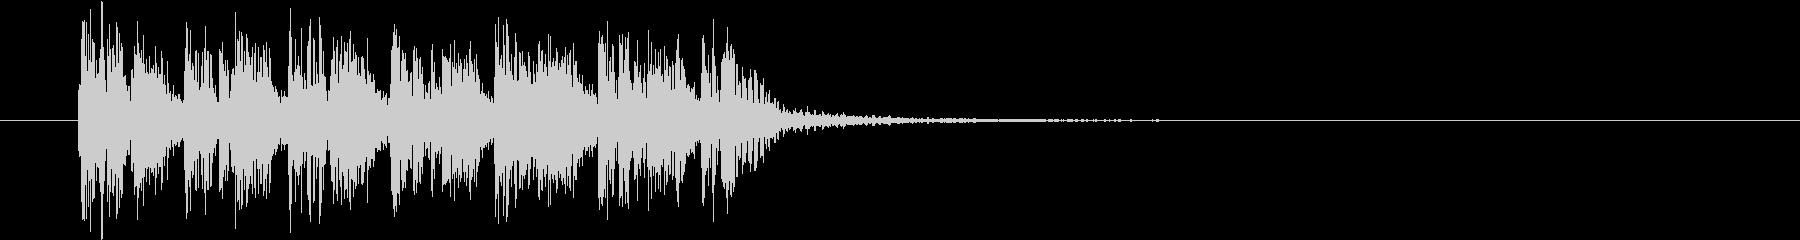 ダンサブルなEDMのジングル曲の未再生の波形